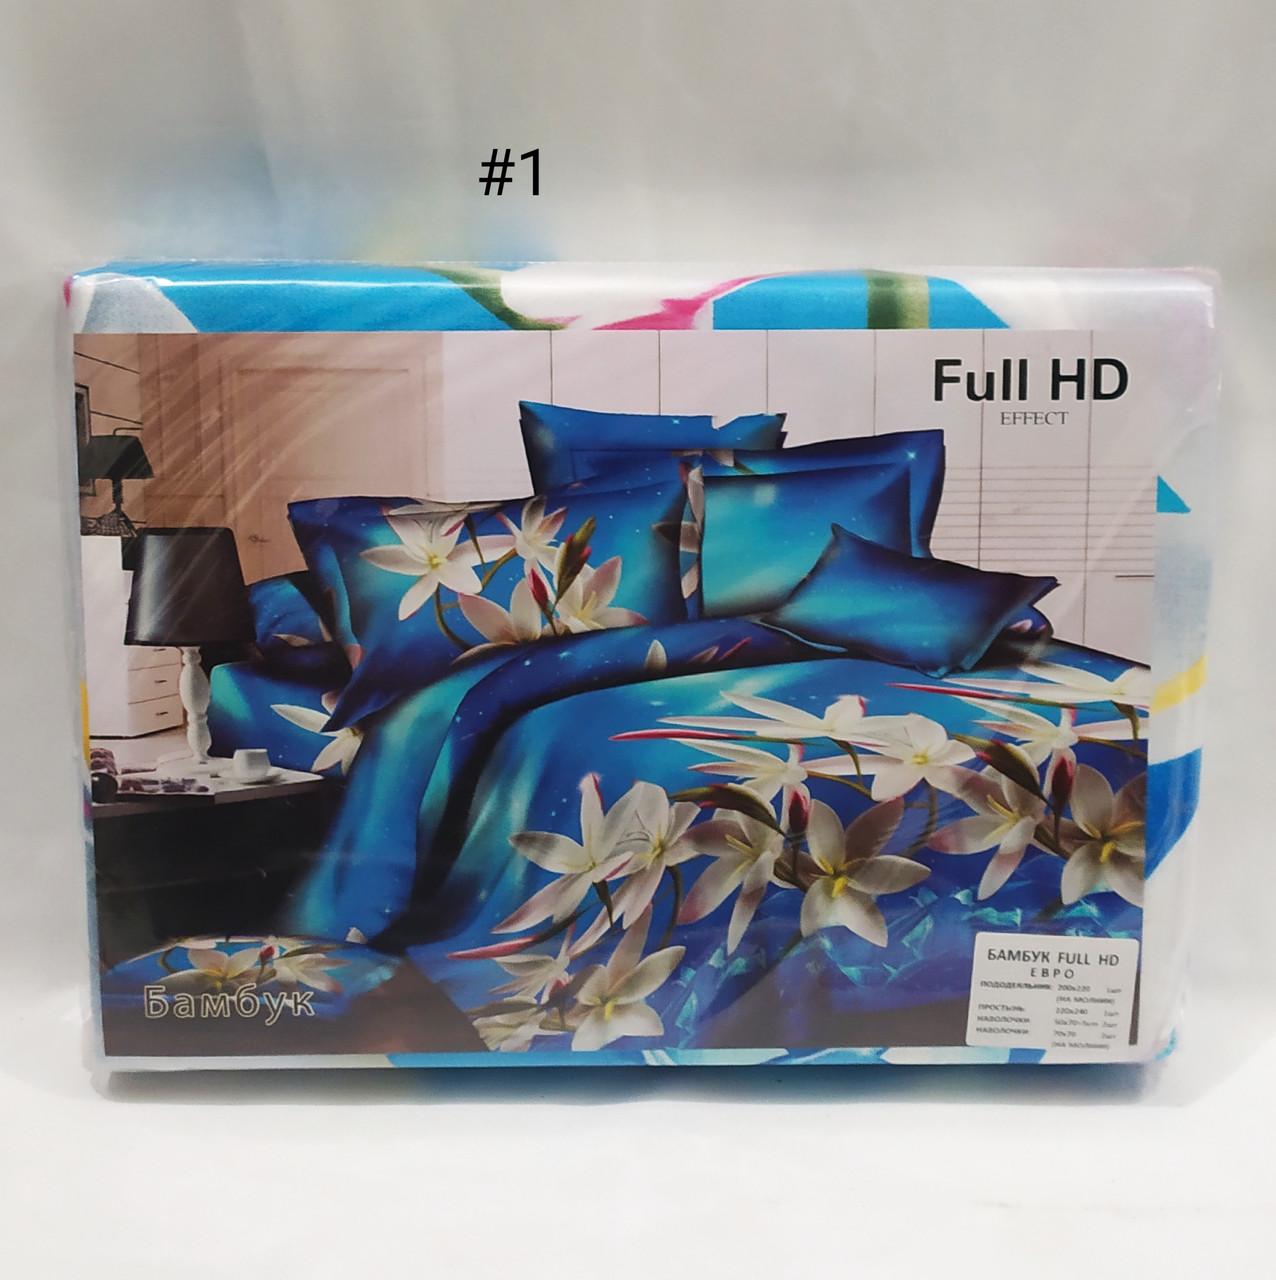 Евро двуспальный комплект постельного белья Феникс Full HD 5D